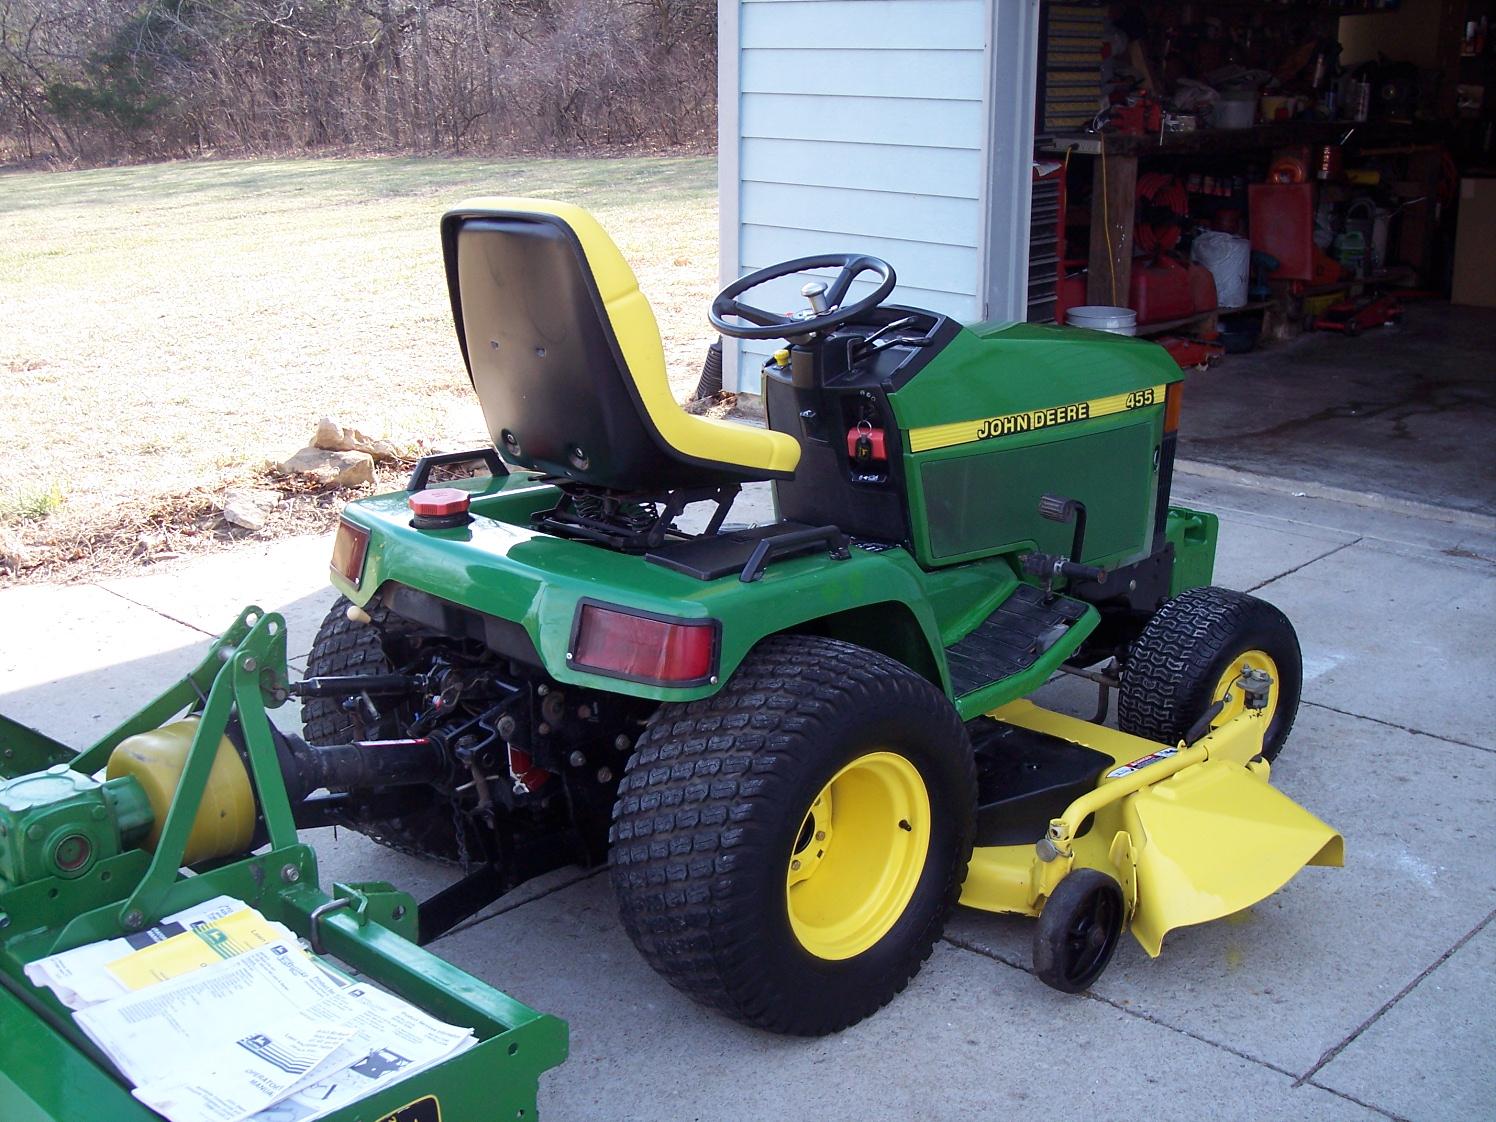 Tiller Attachment For John Deere Riding Lawn Mower : Lawn ...